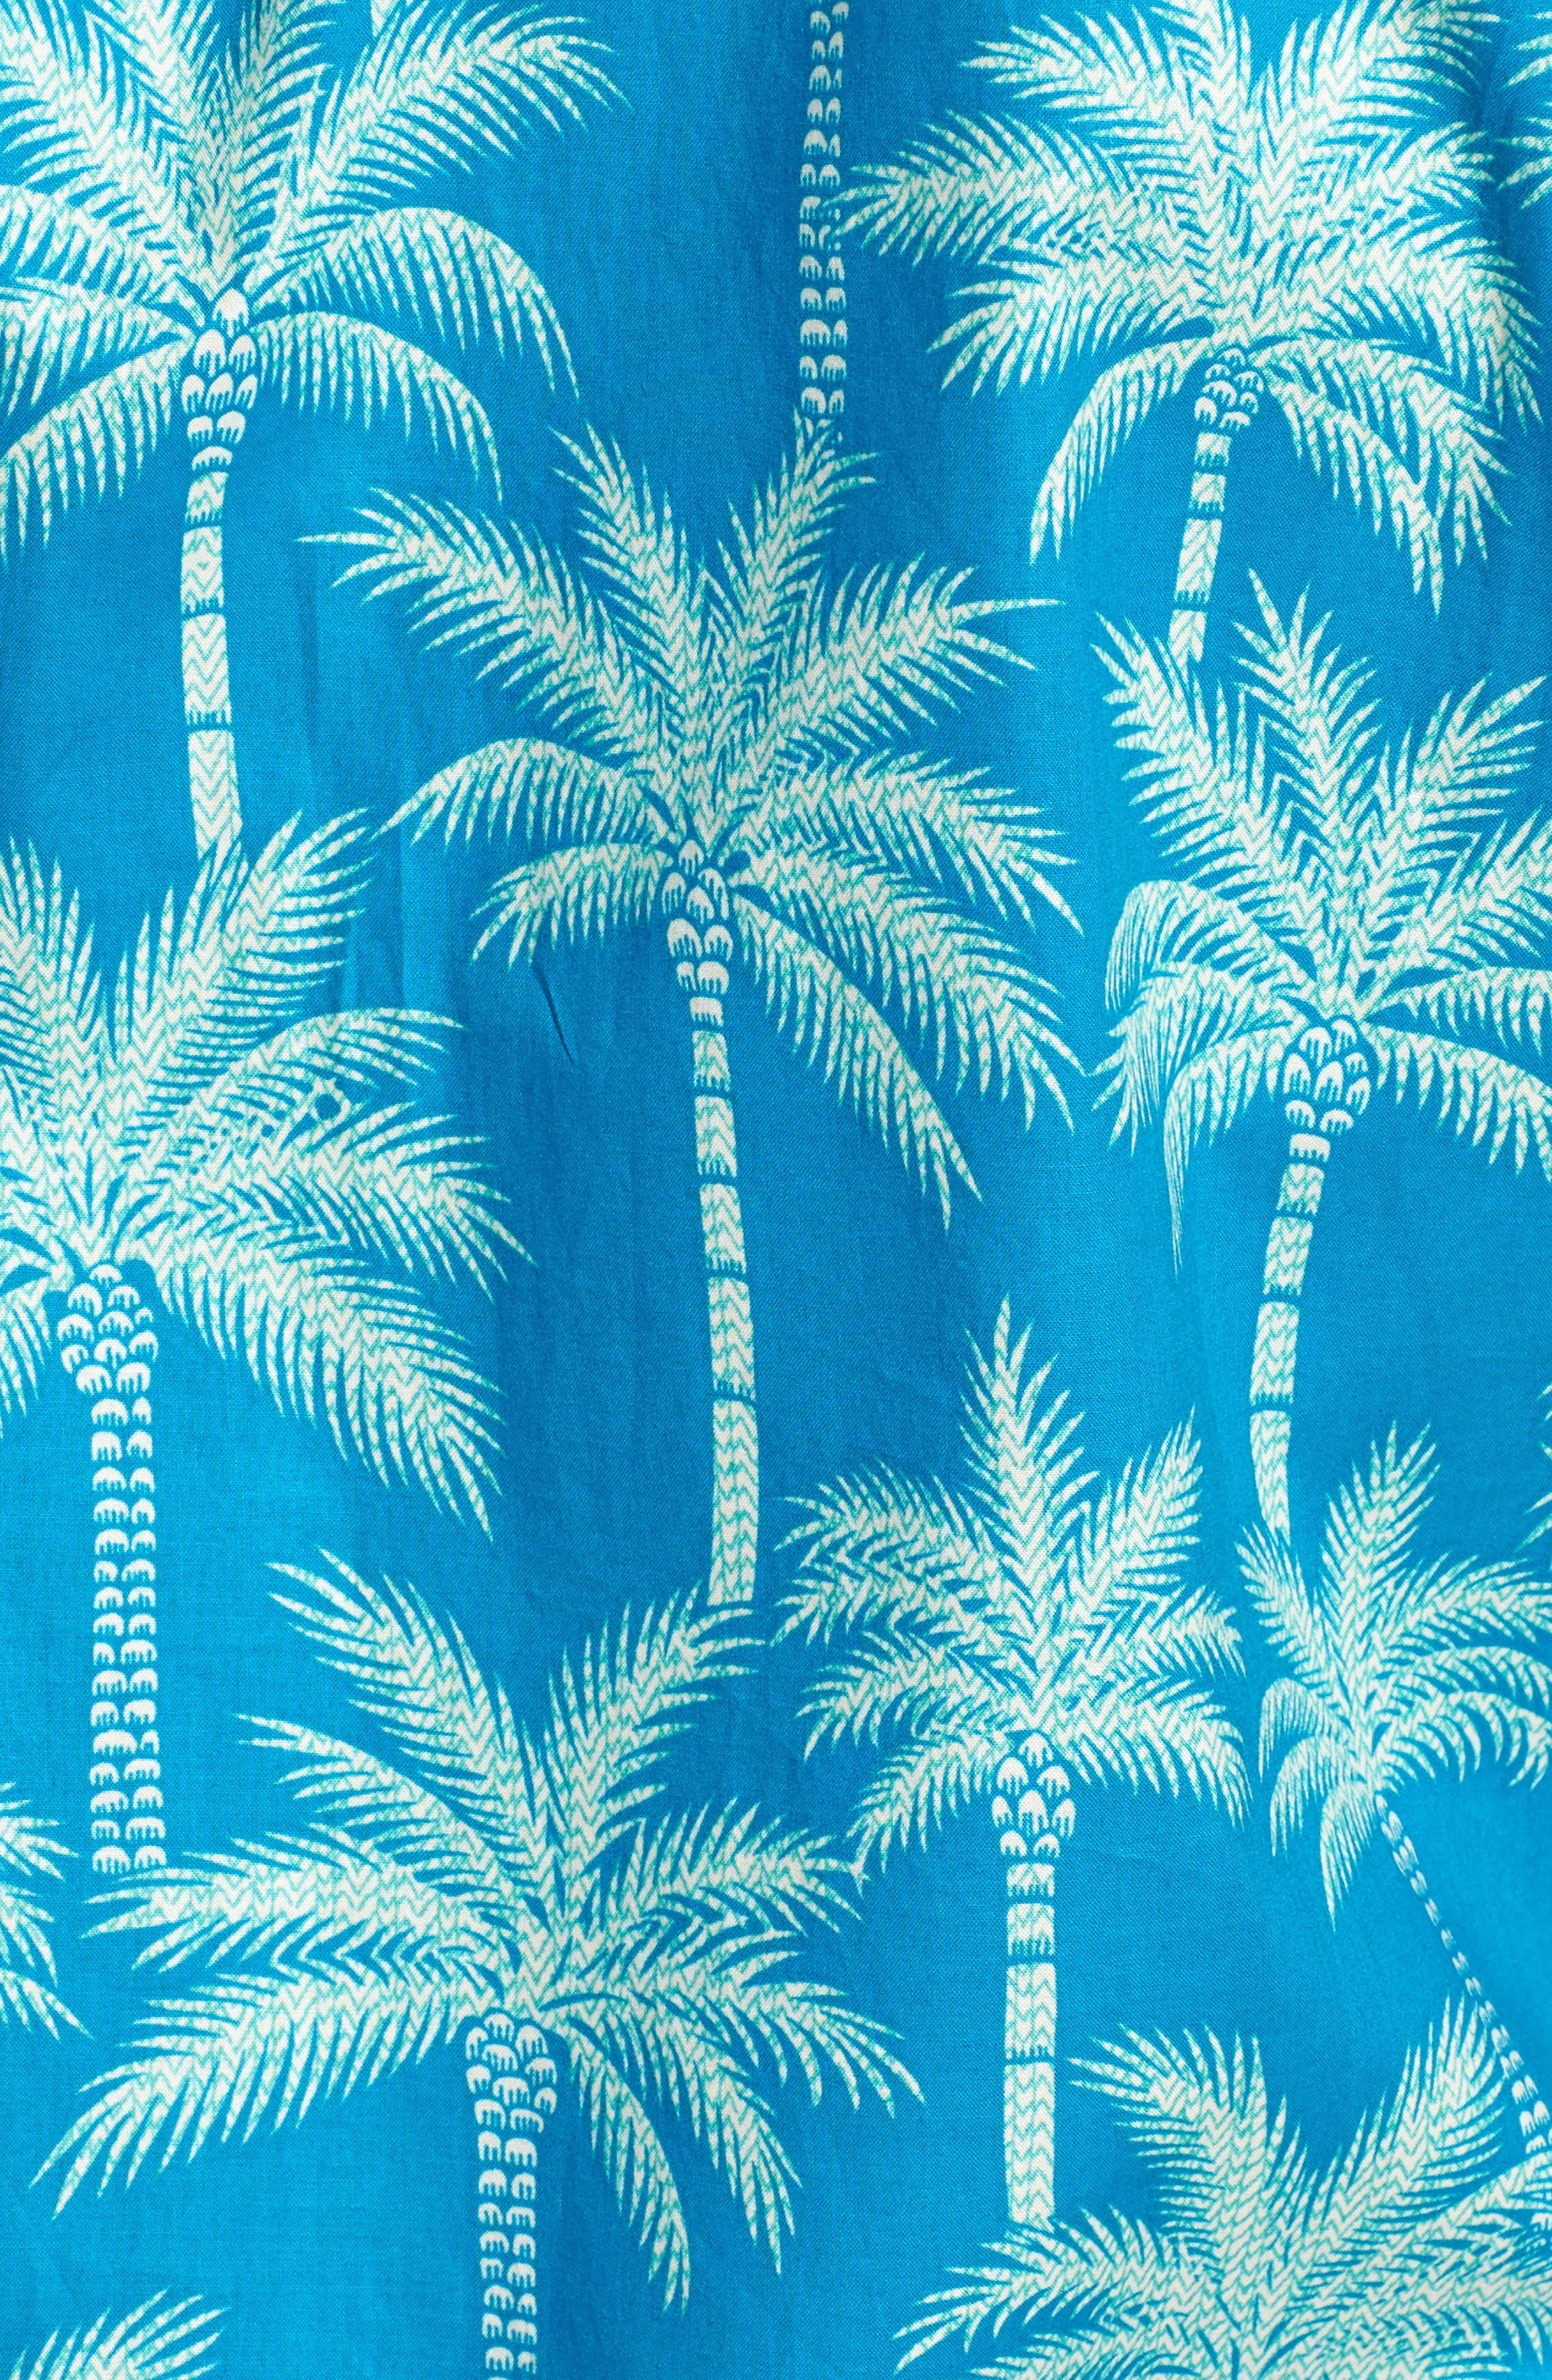 Erté Palm Camp Shirt,                             Alternate thumbnail 5, color,                             476